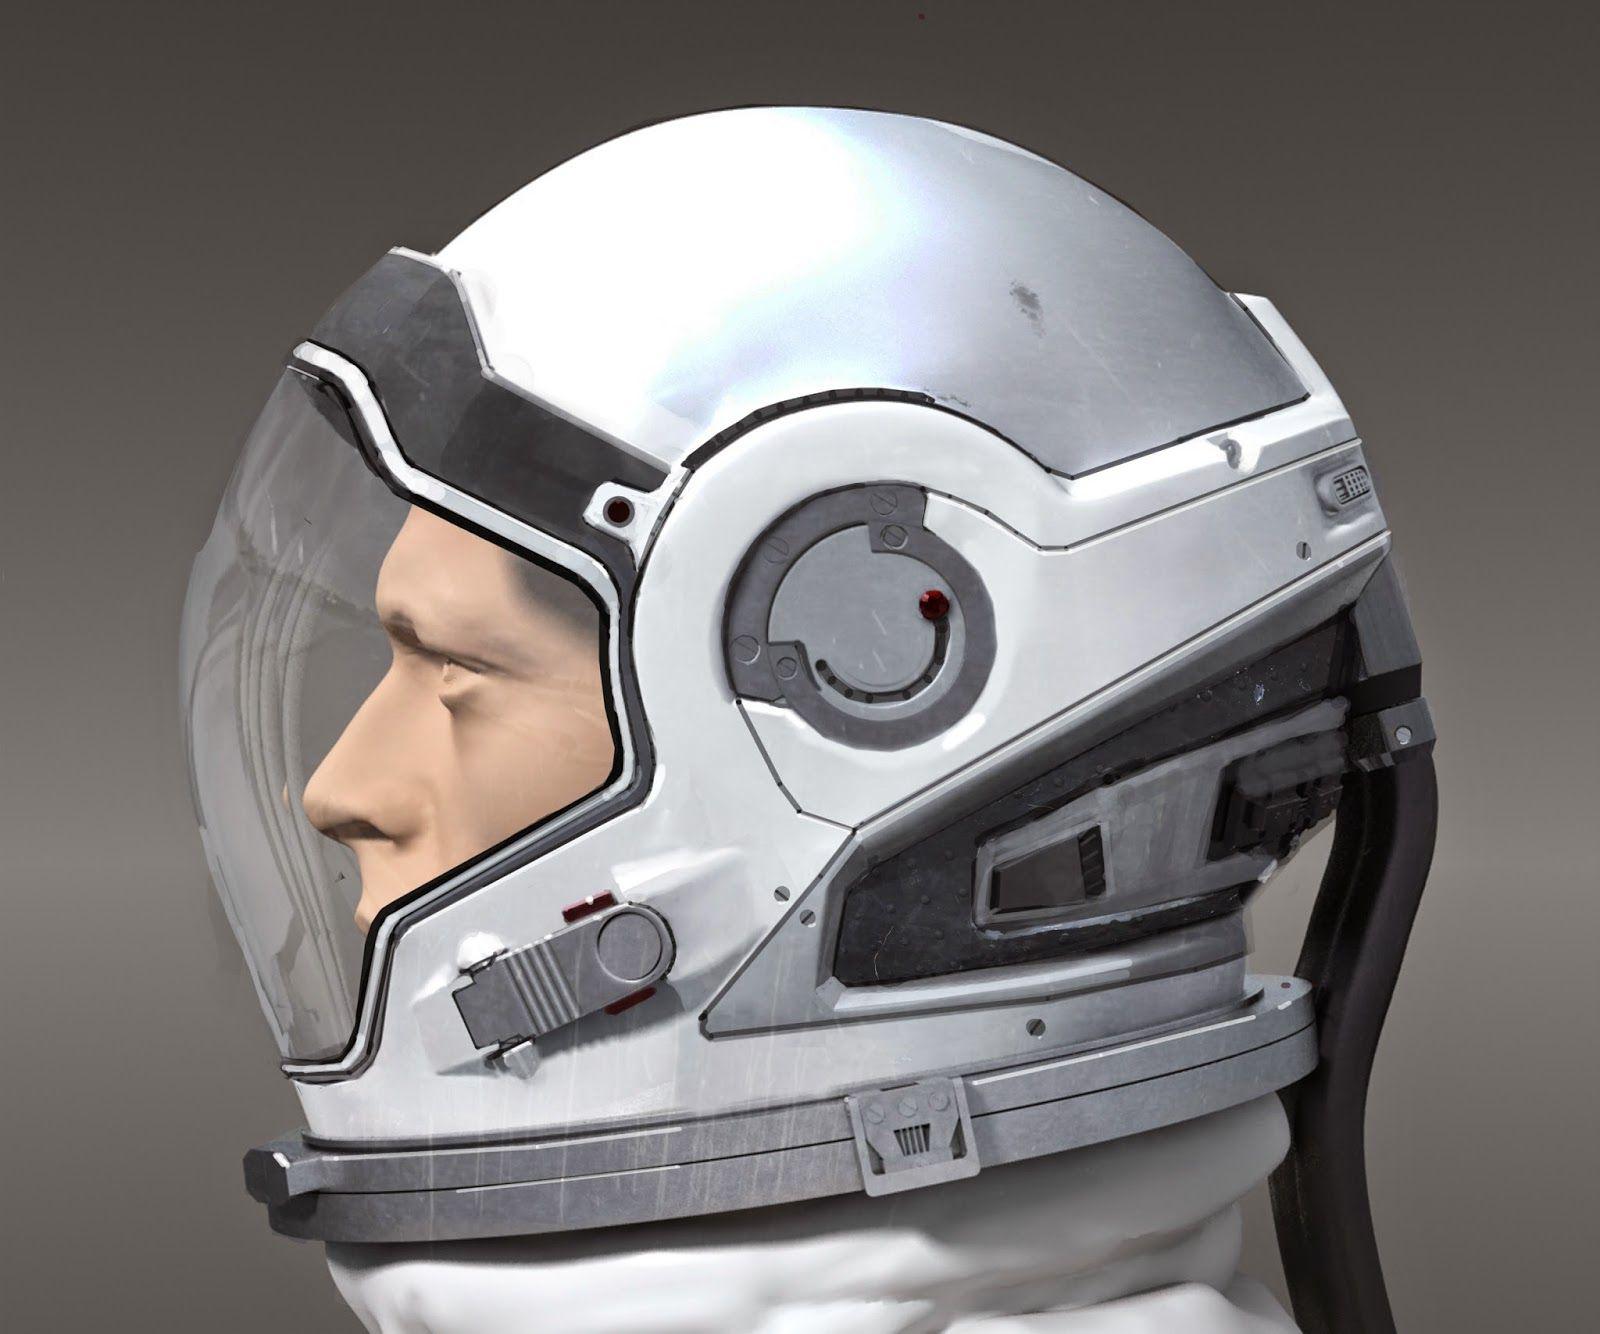 dekker astronaut space helmet - photo #29